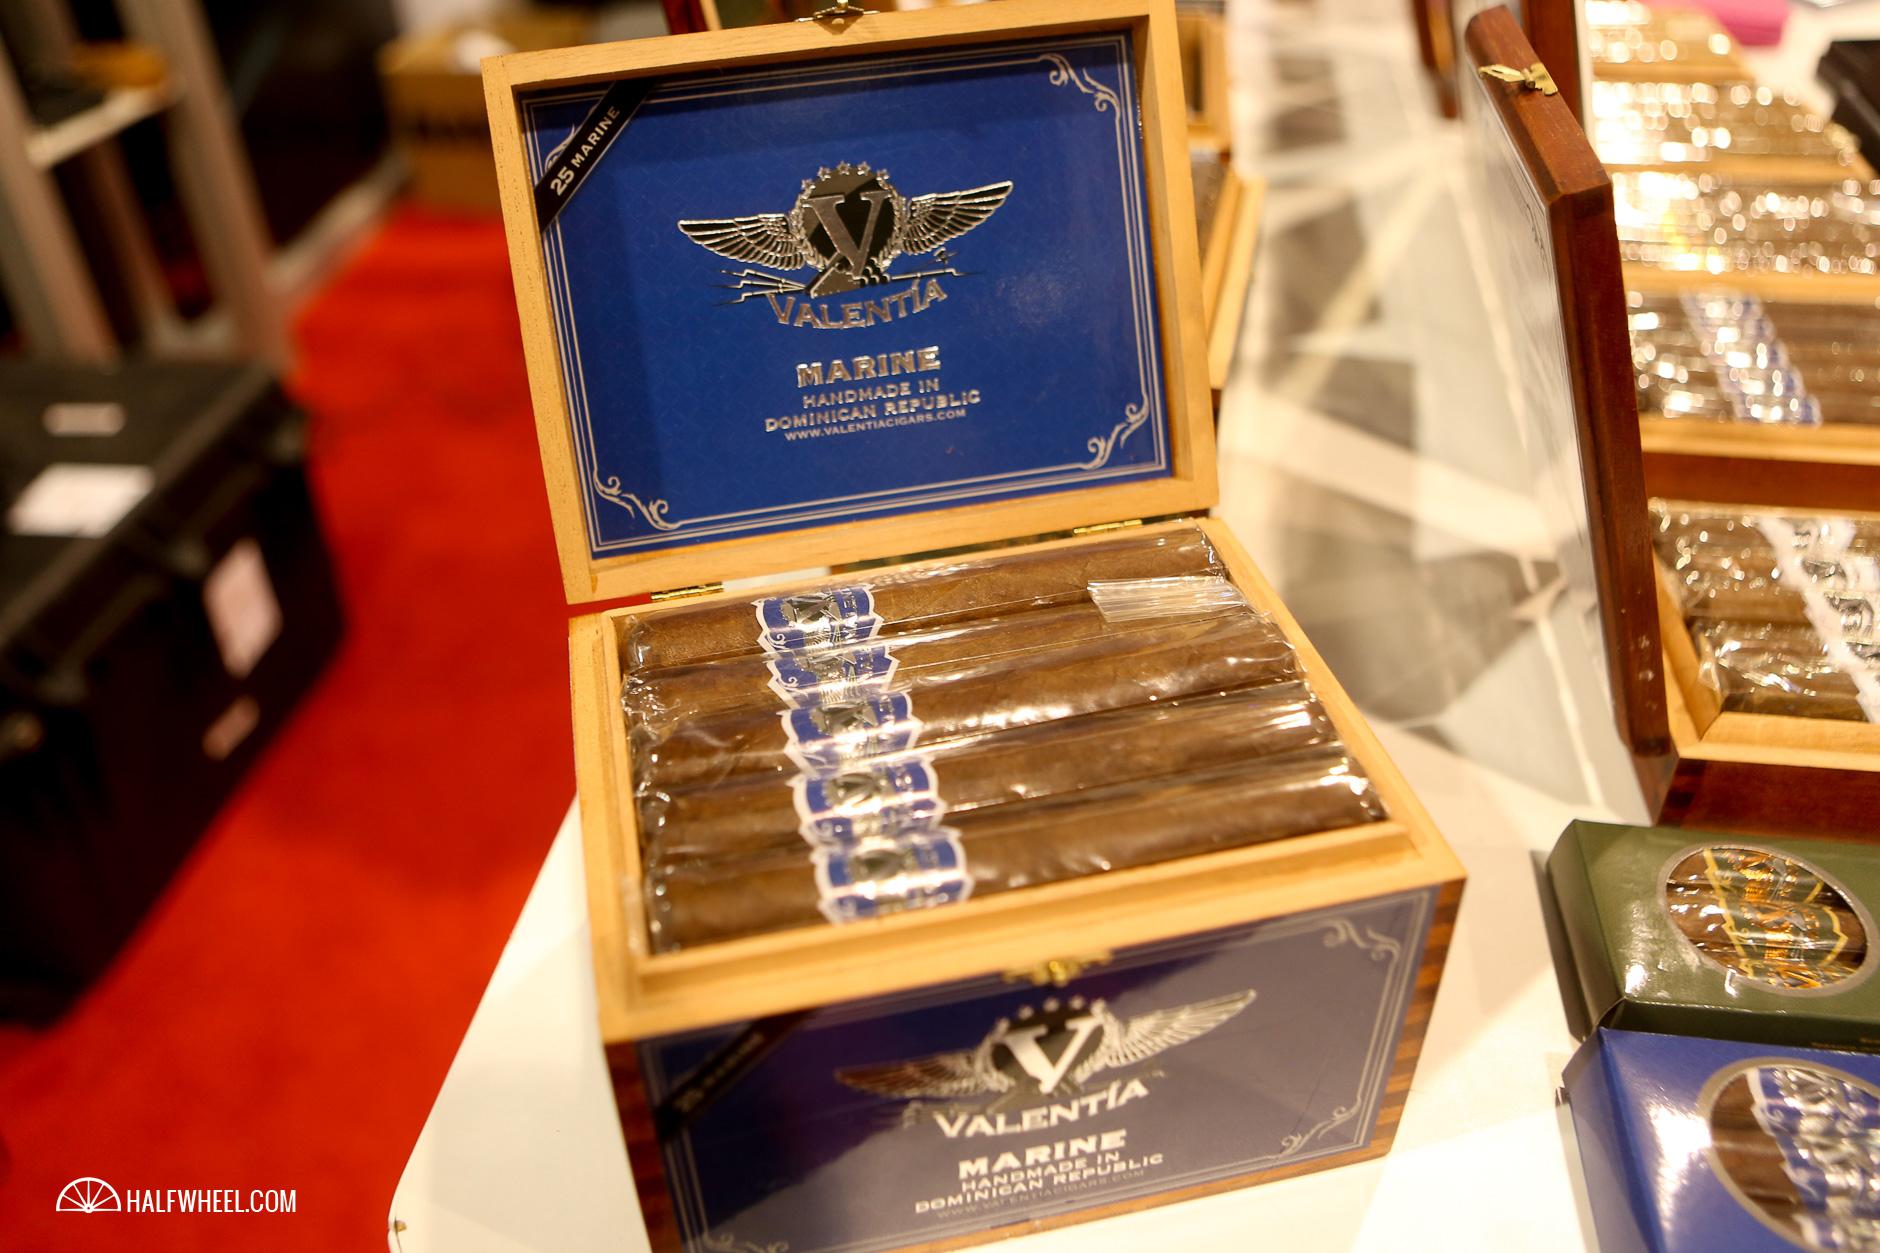 Valentia Cigars Marine IPCPR 2016